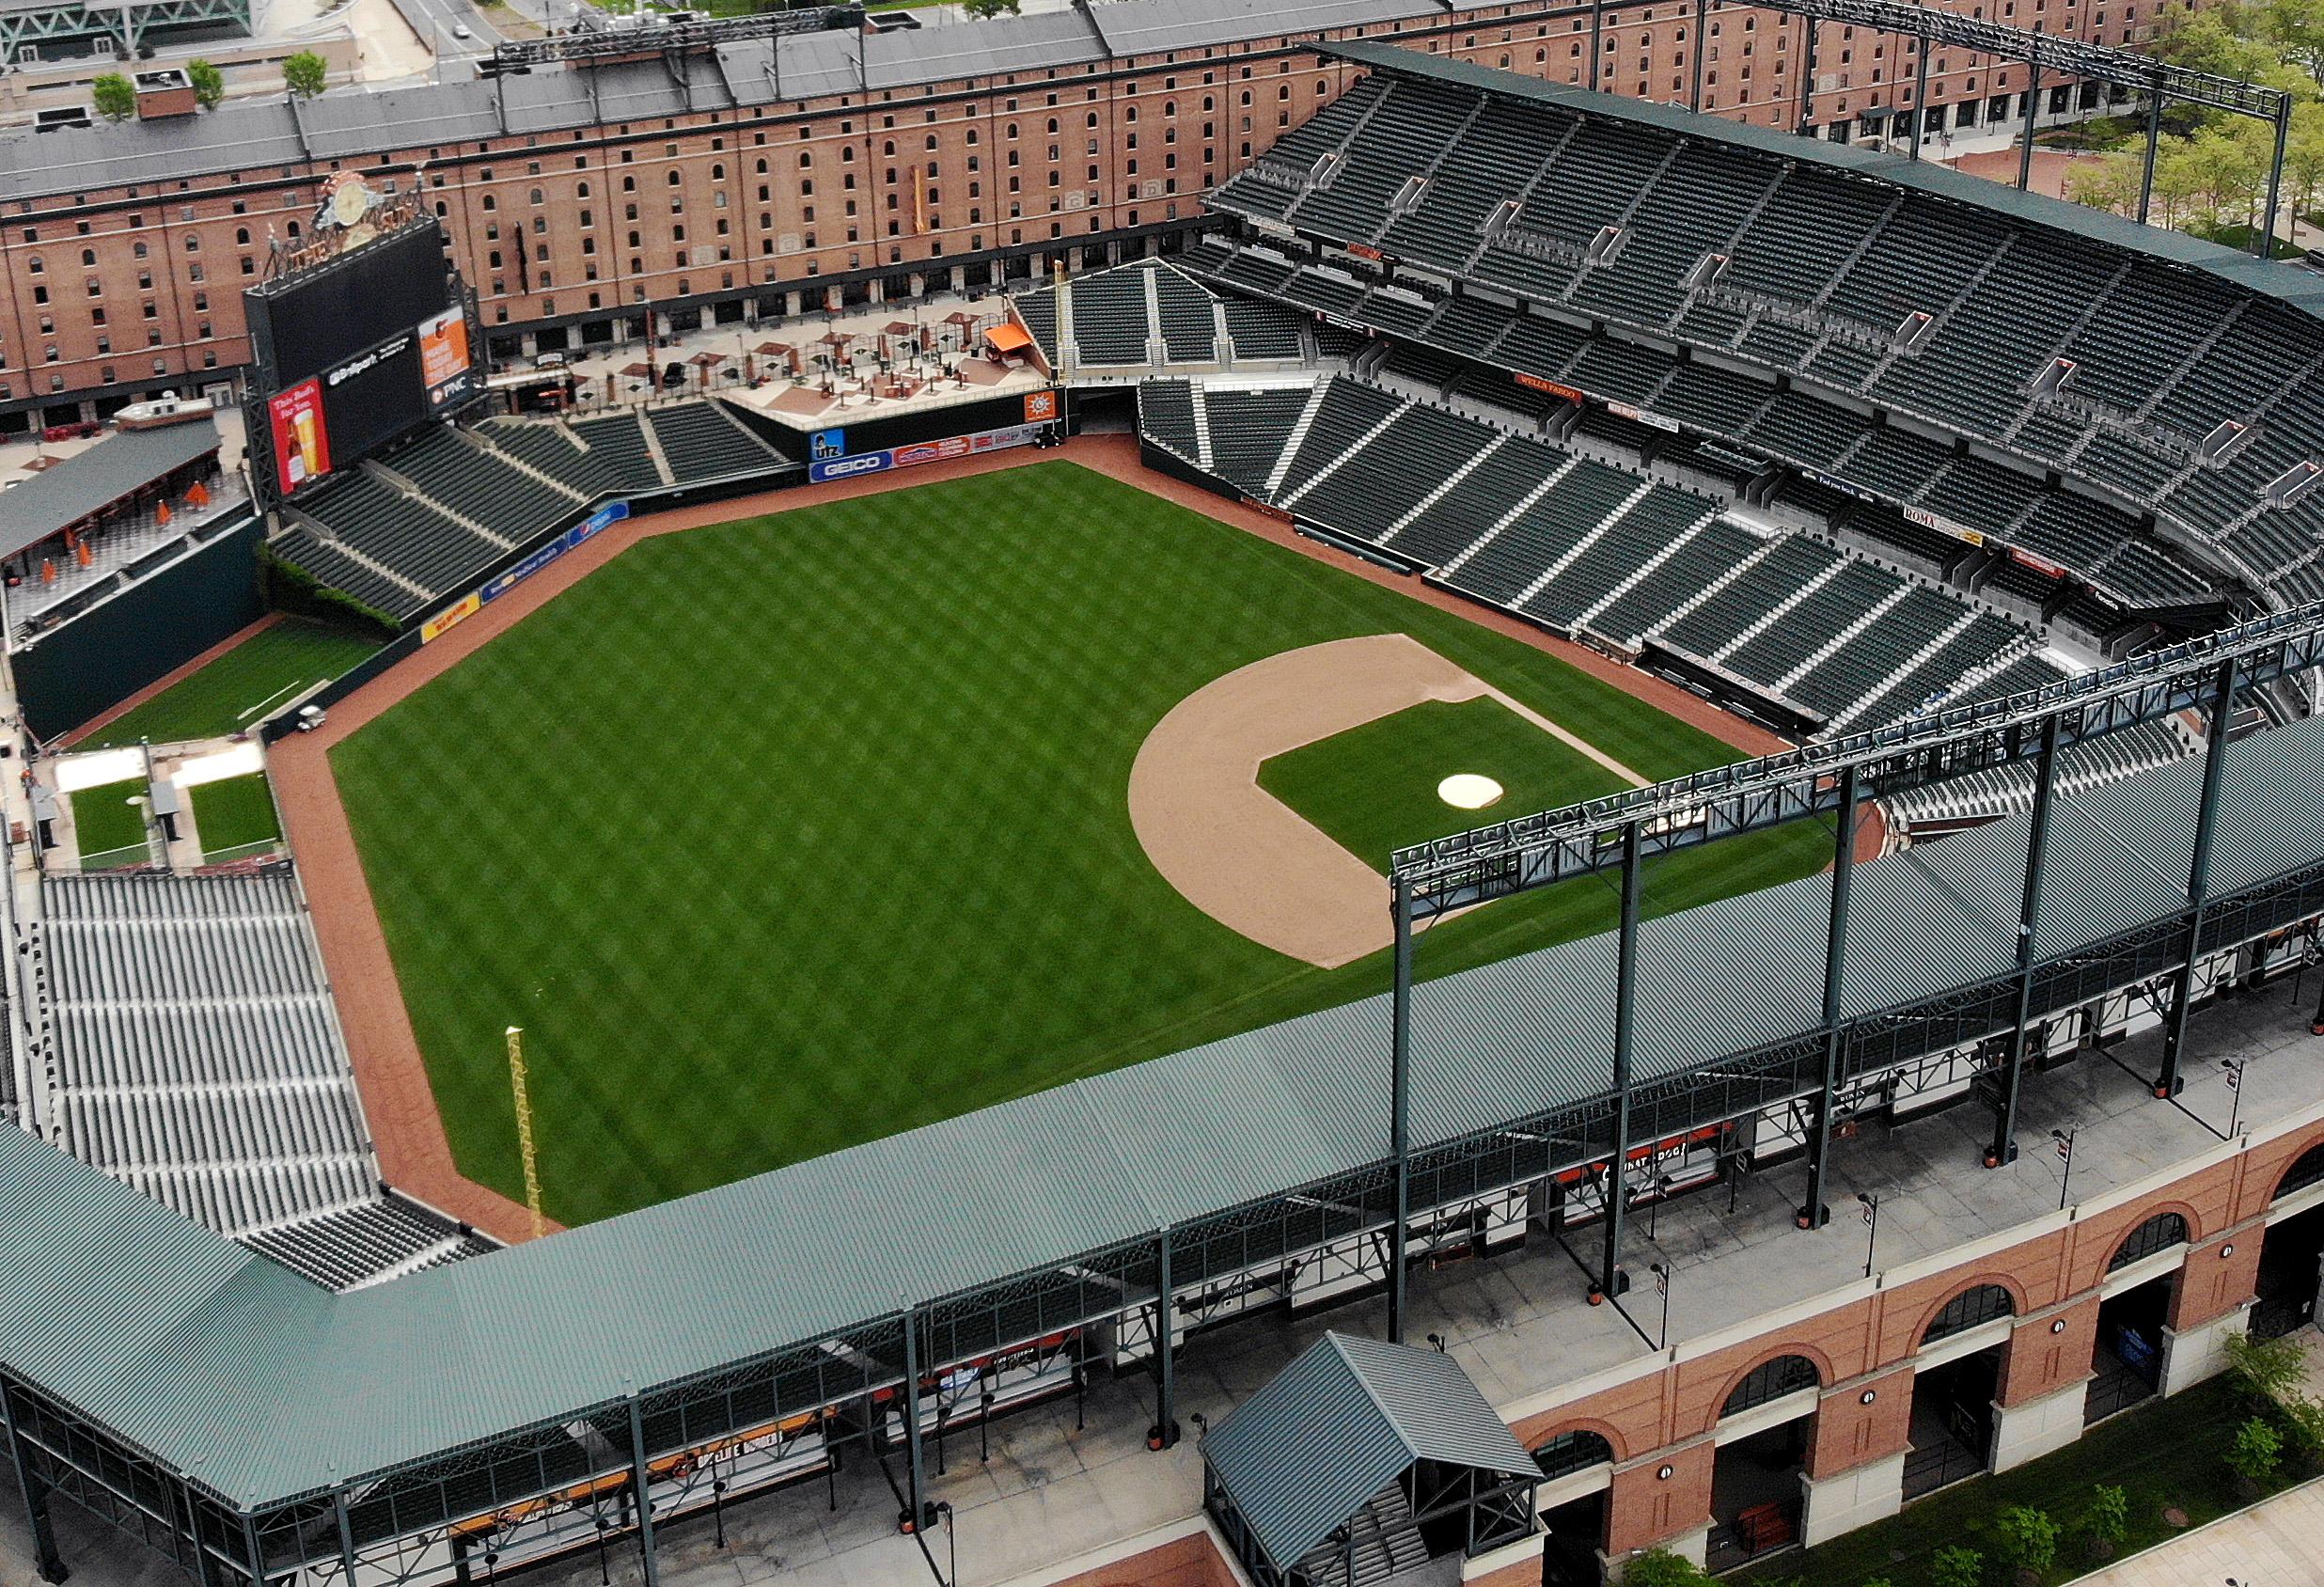 Diferencias entre dueños y jugadores de MLB pone en peligro inicio de temporada